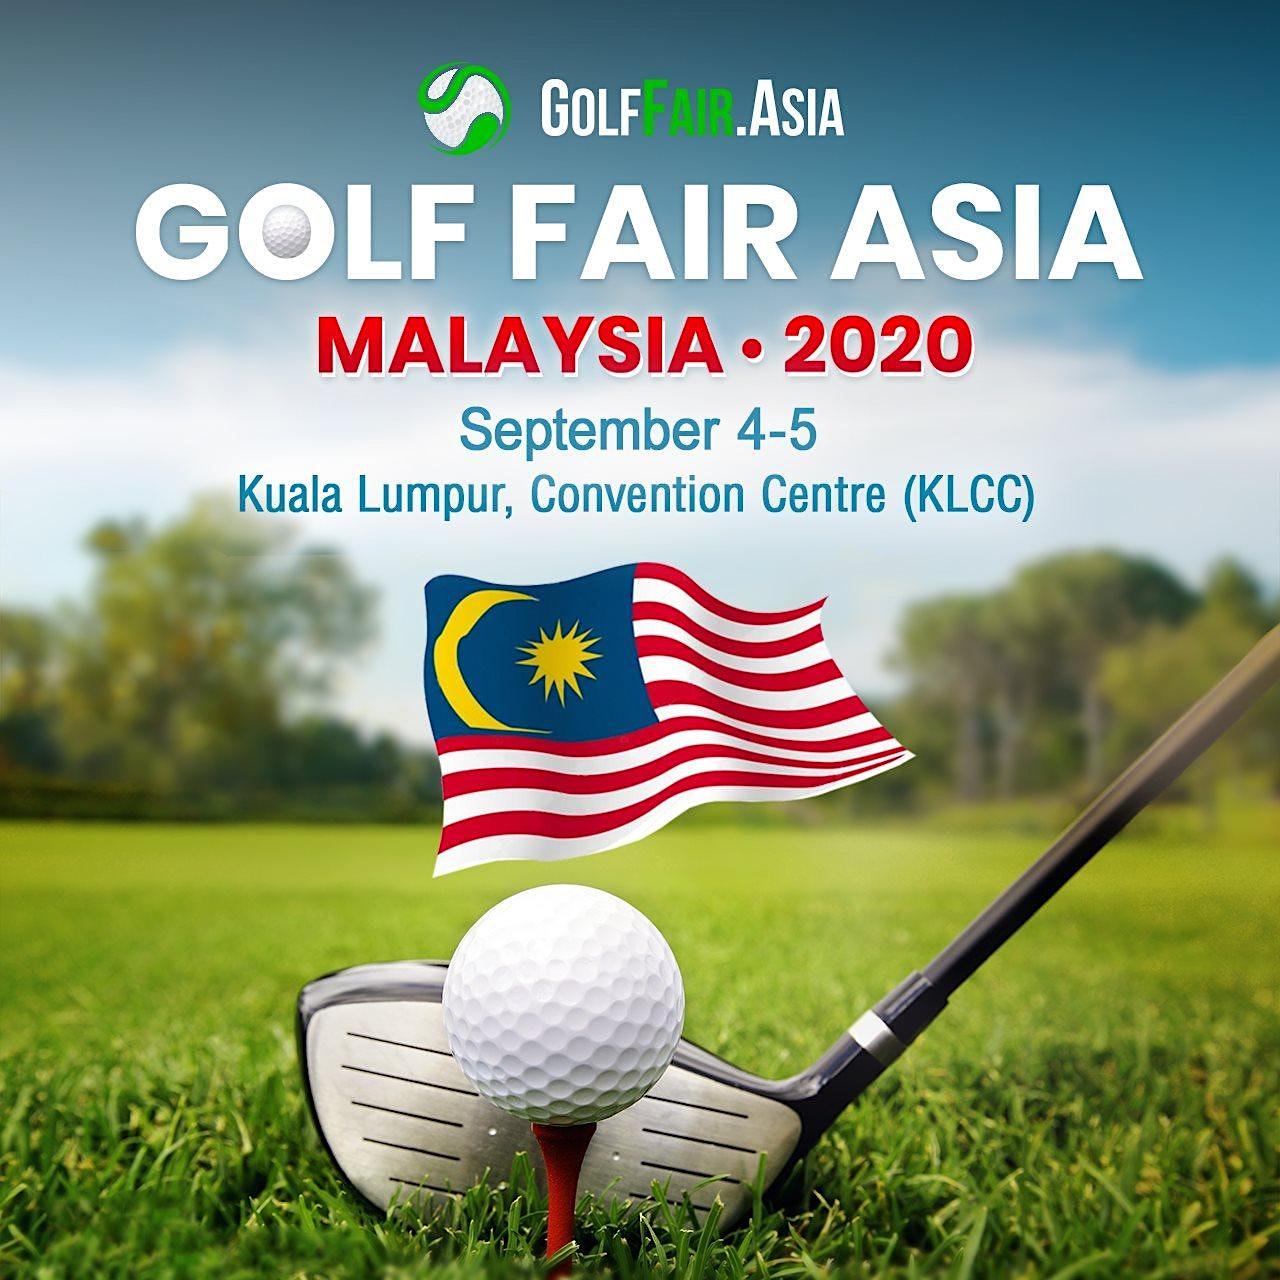 Golf Fair Asia 2020 - Malaysia (We invite Europe & UK)